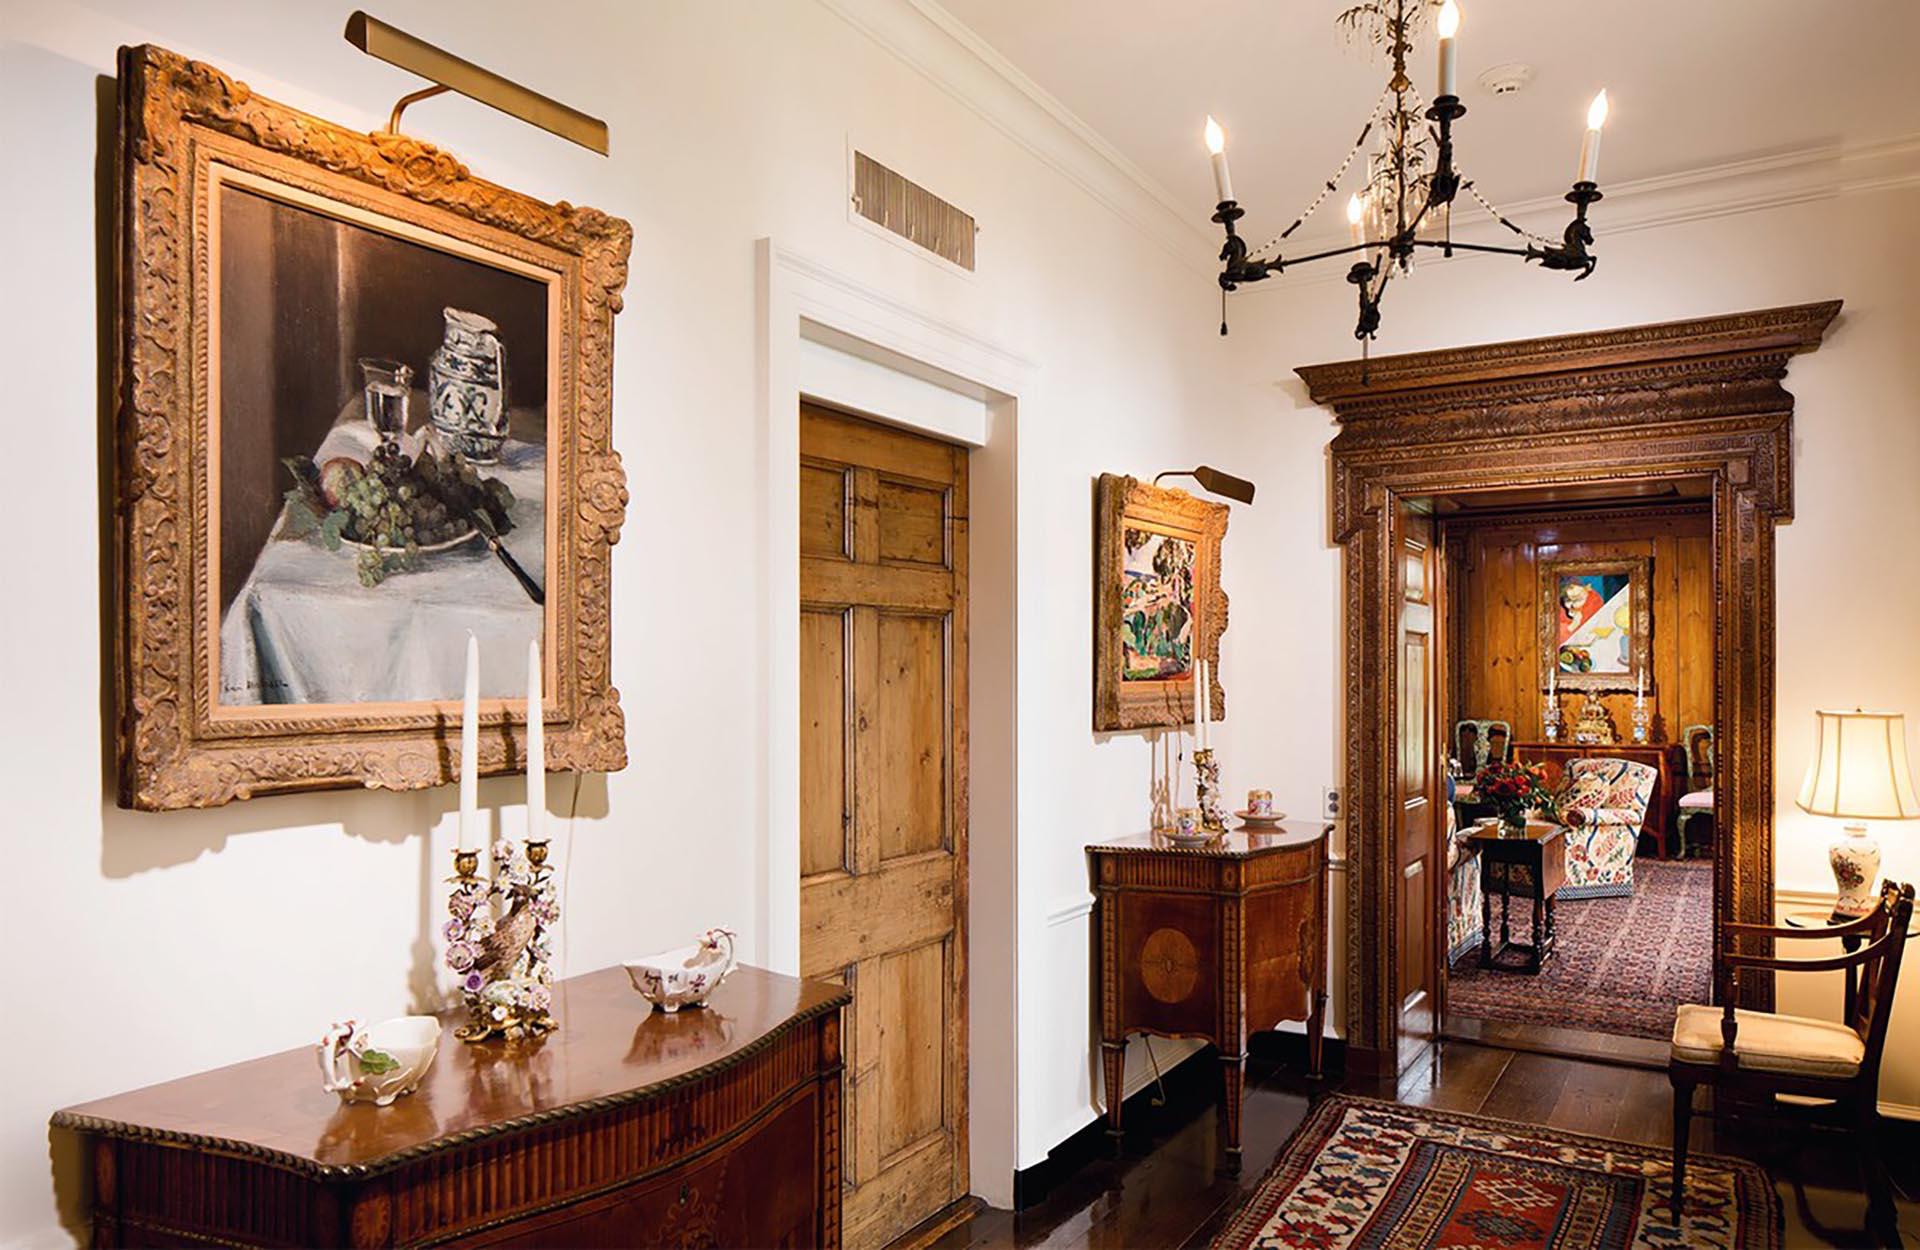 Las propiedades de la familia estaban abarrotadas de obras artísticas